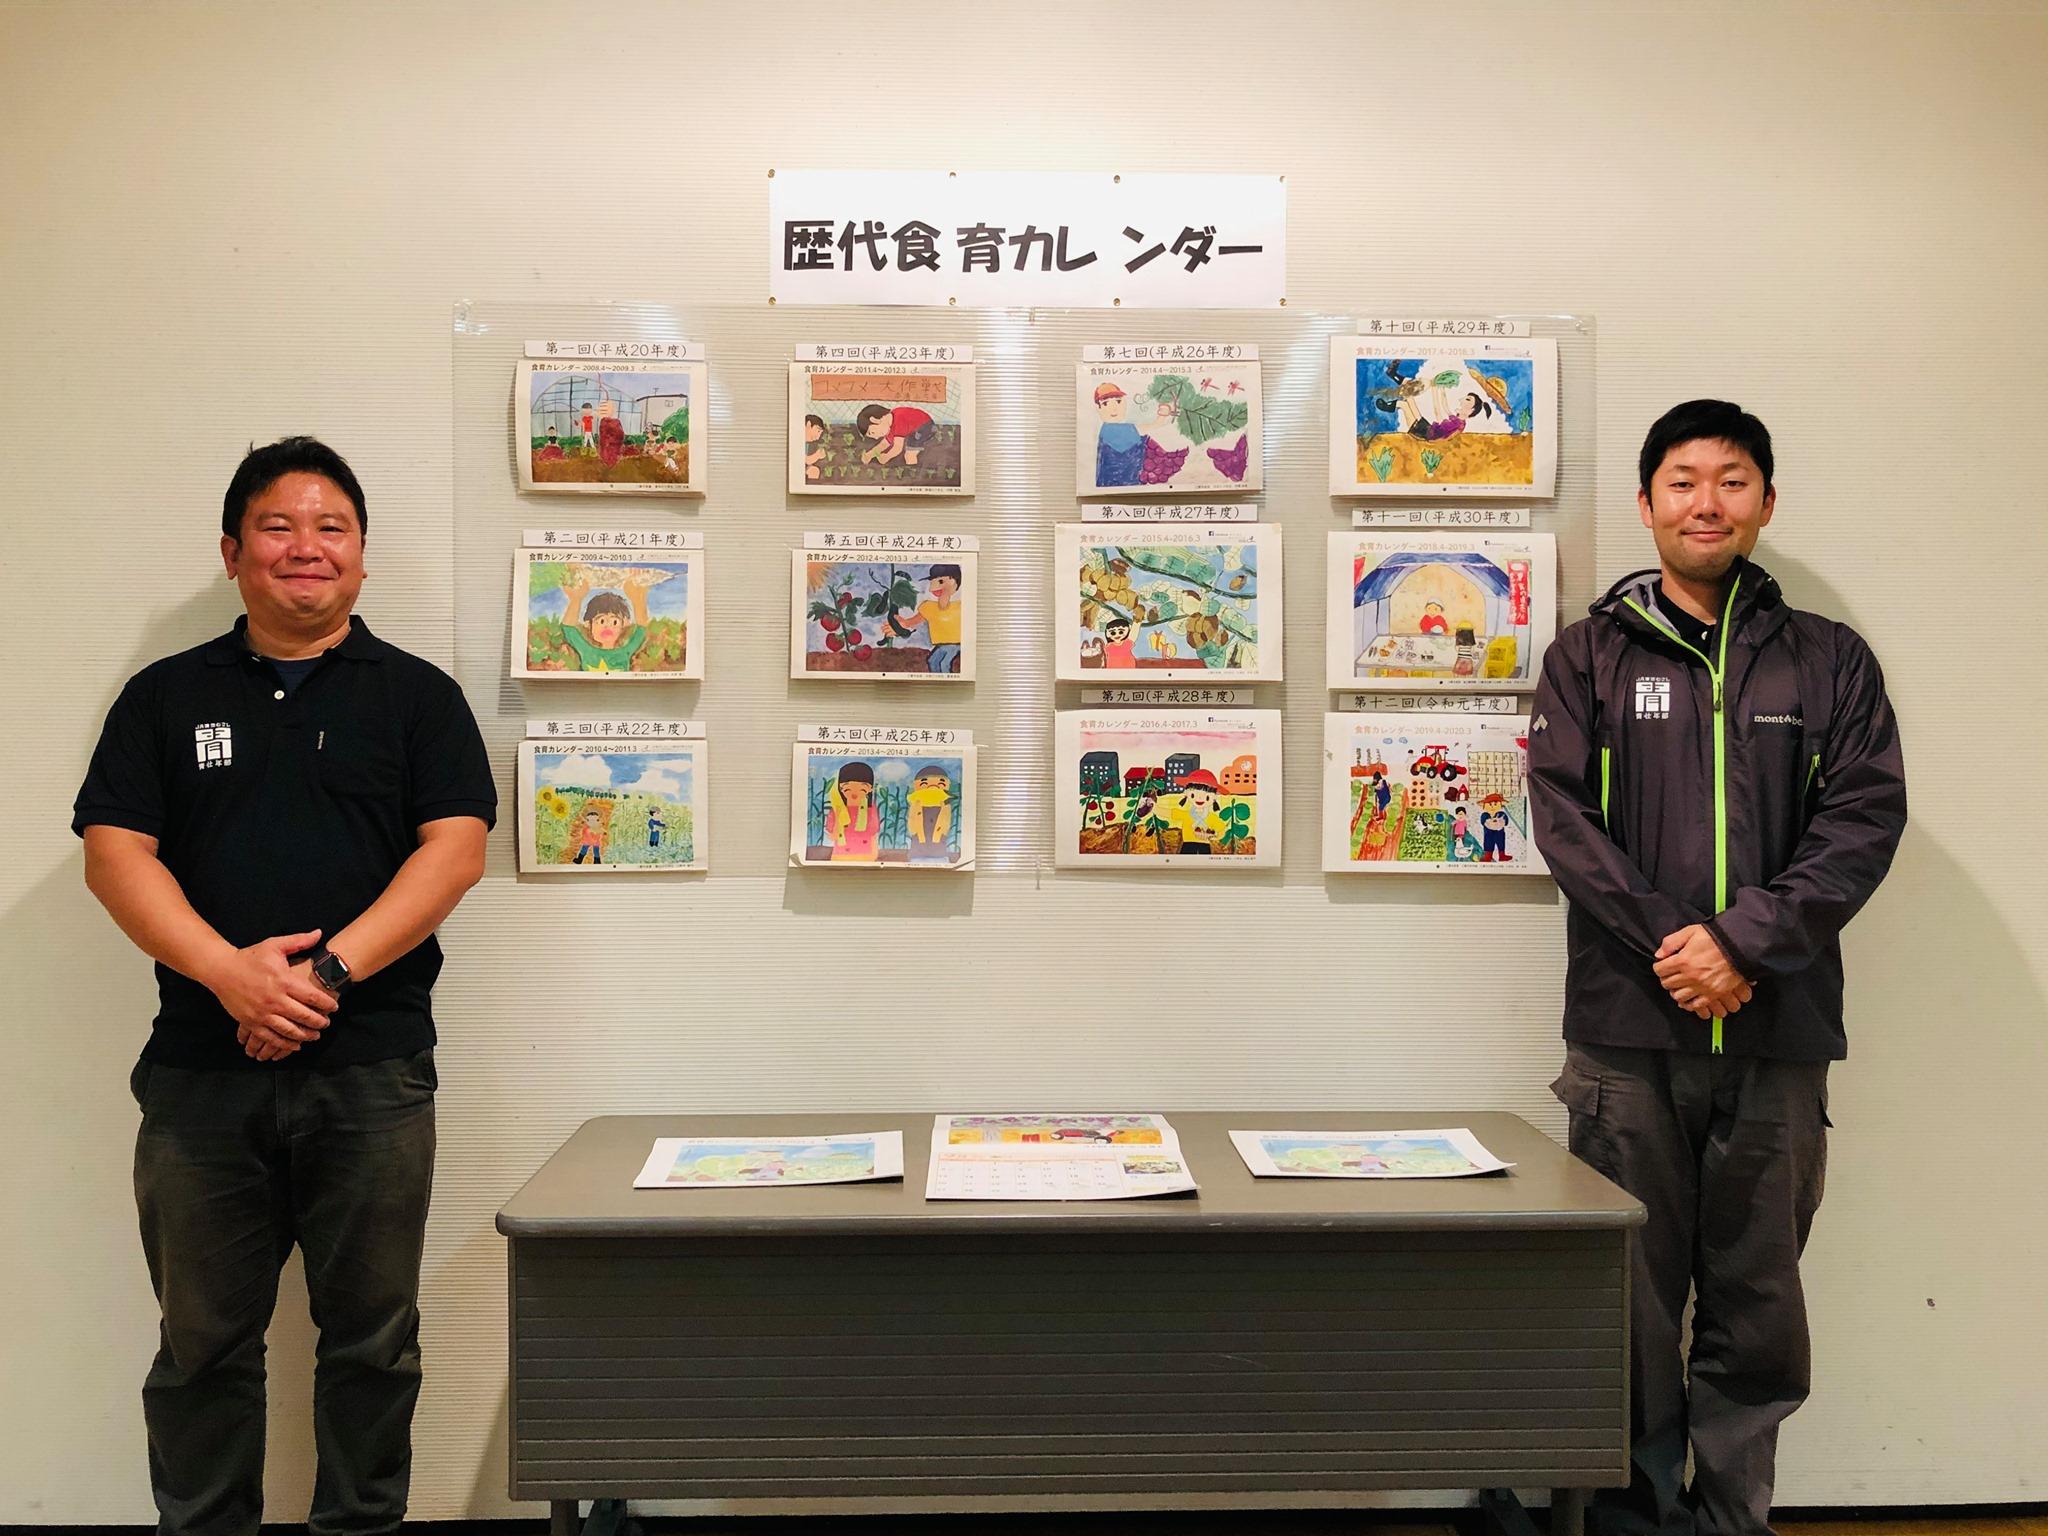 「農のある風景画」展などを訪問しました。